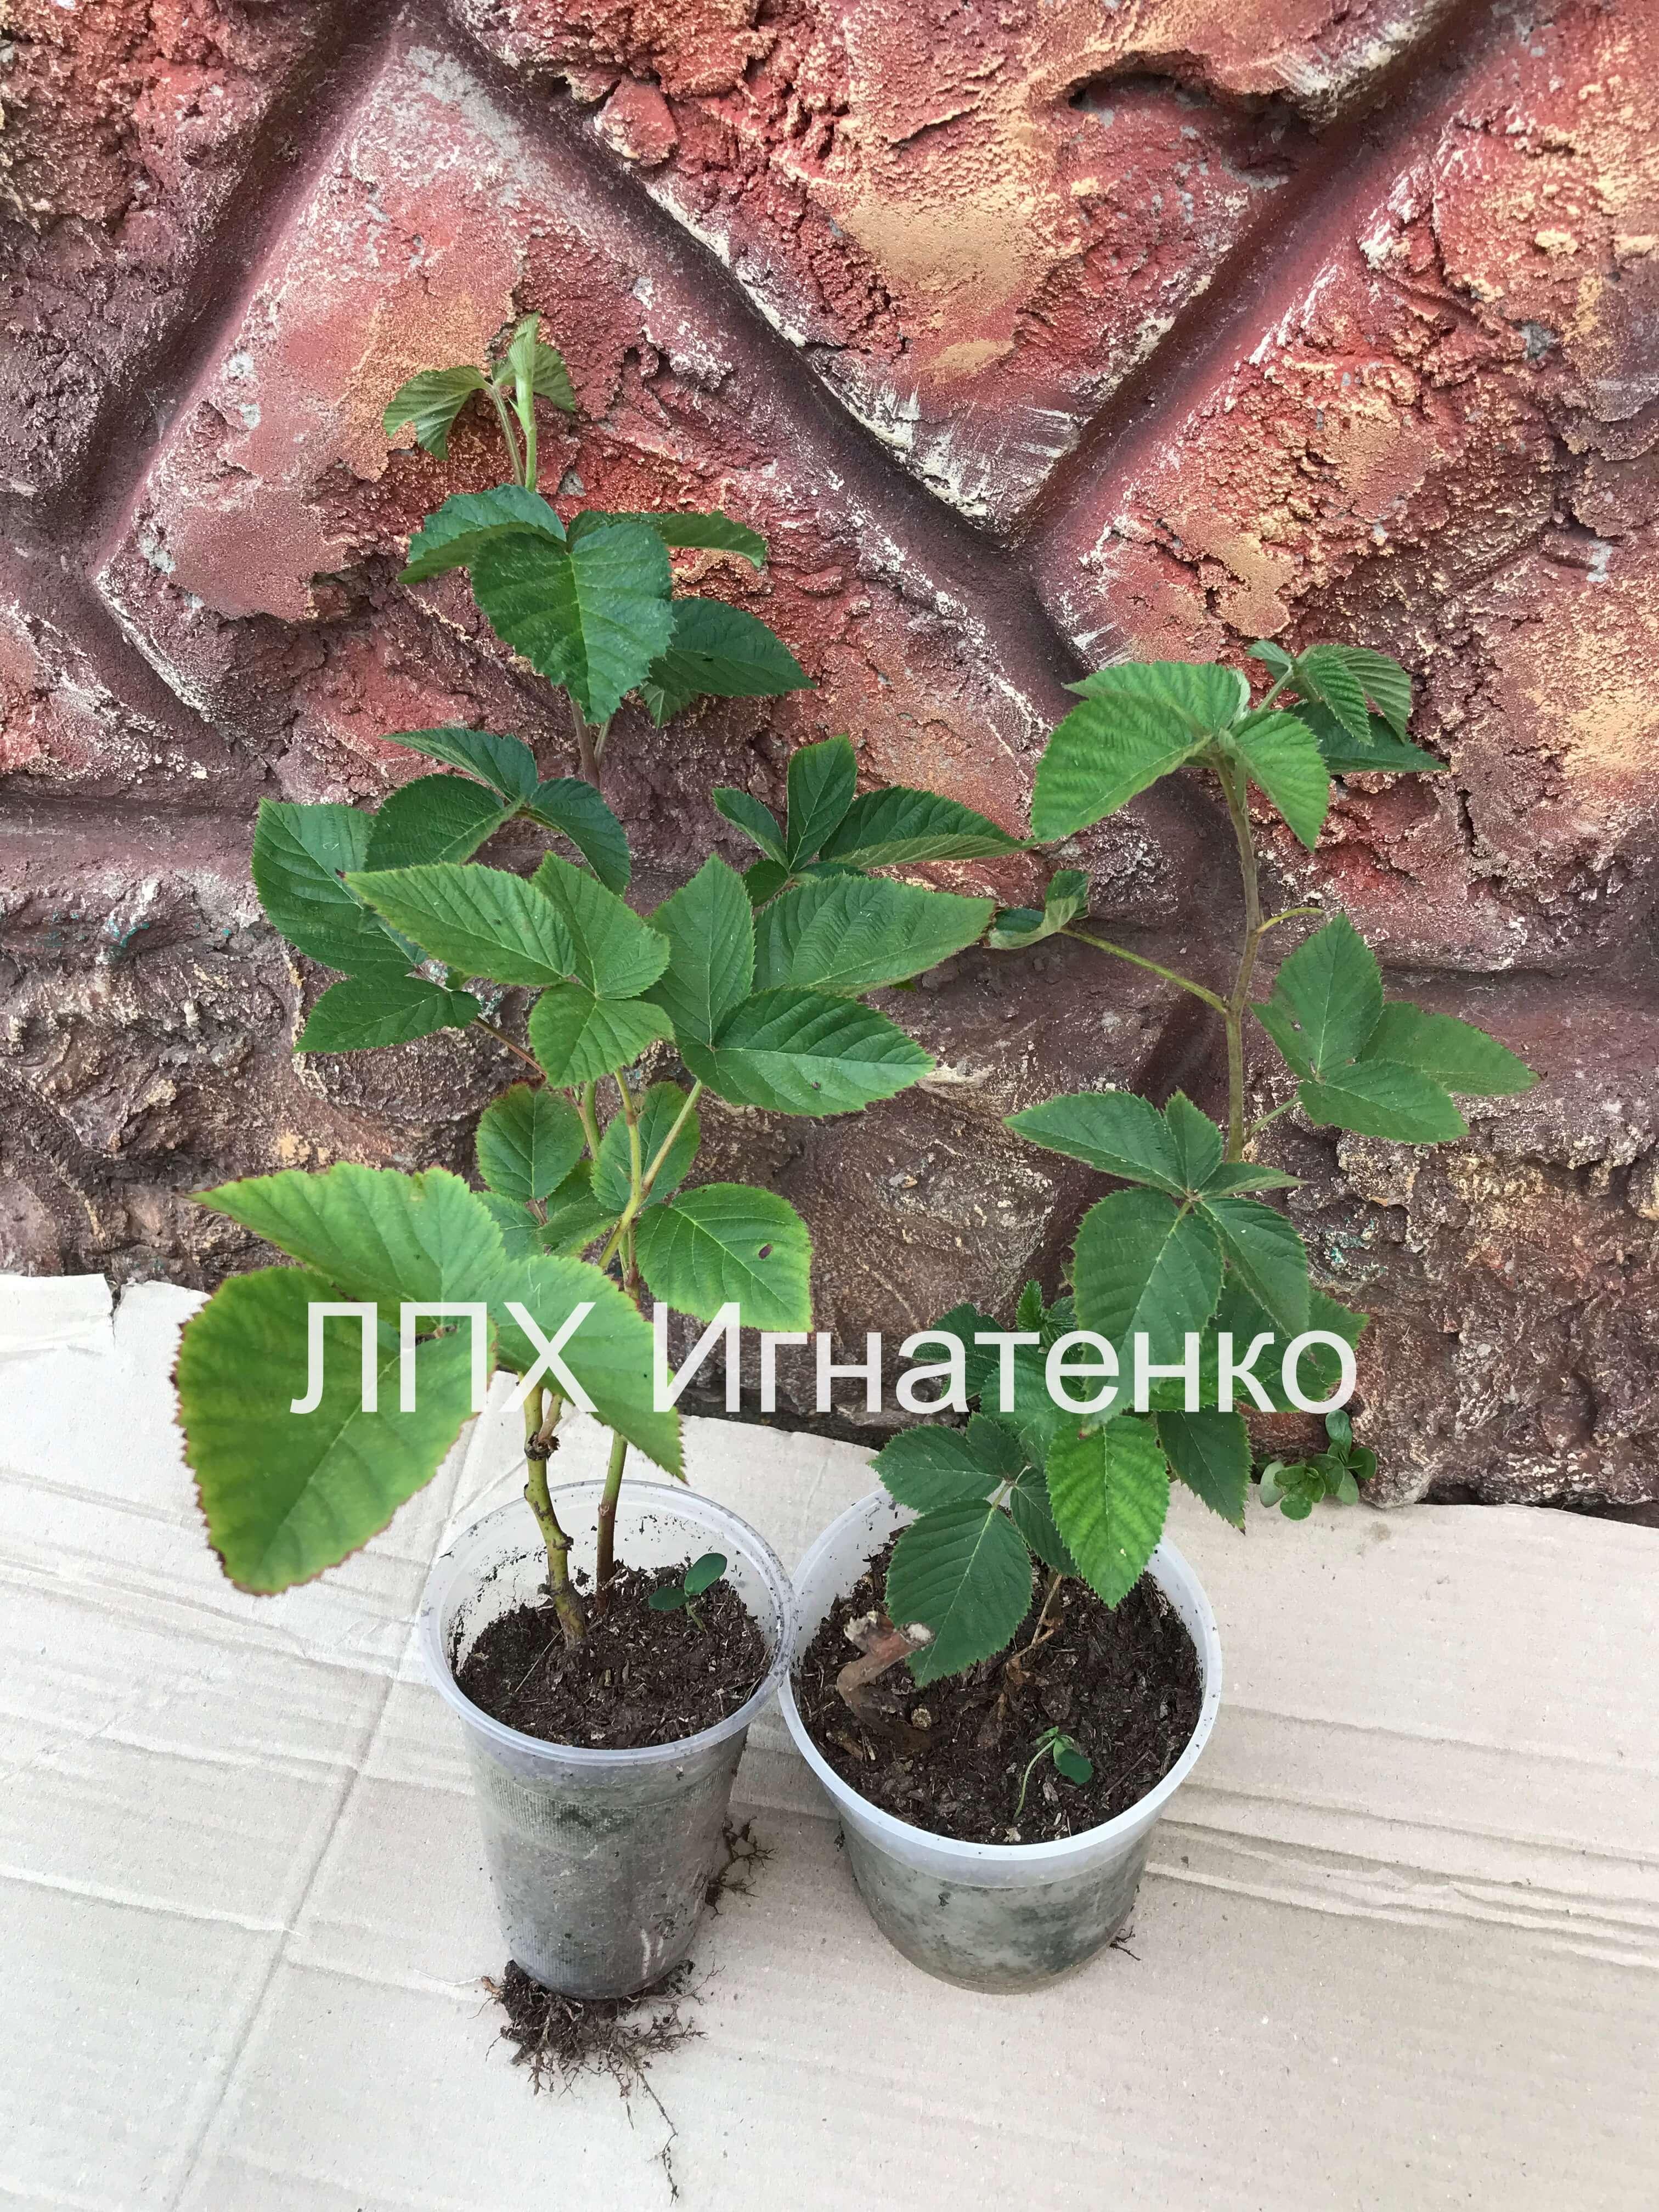 vegetiruyushie-sazhentsi-ezheviki-opisan